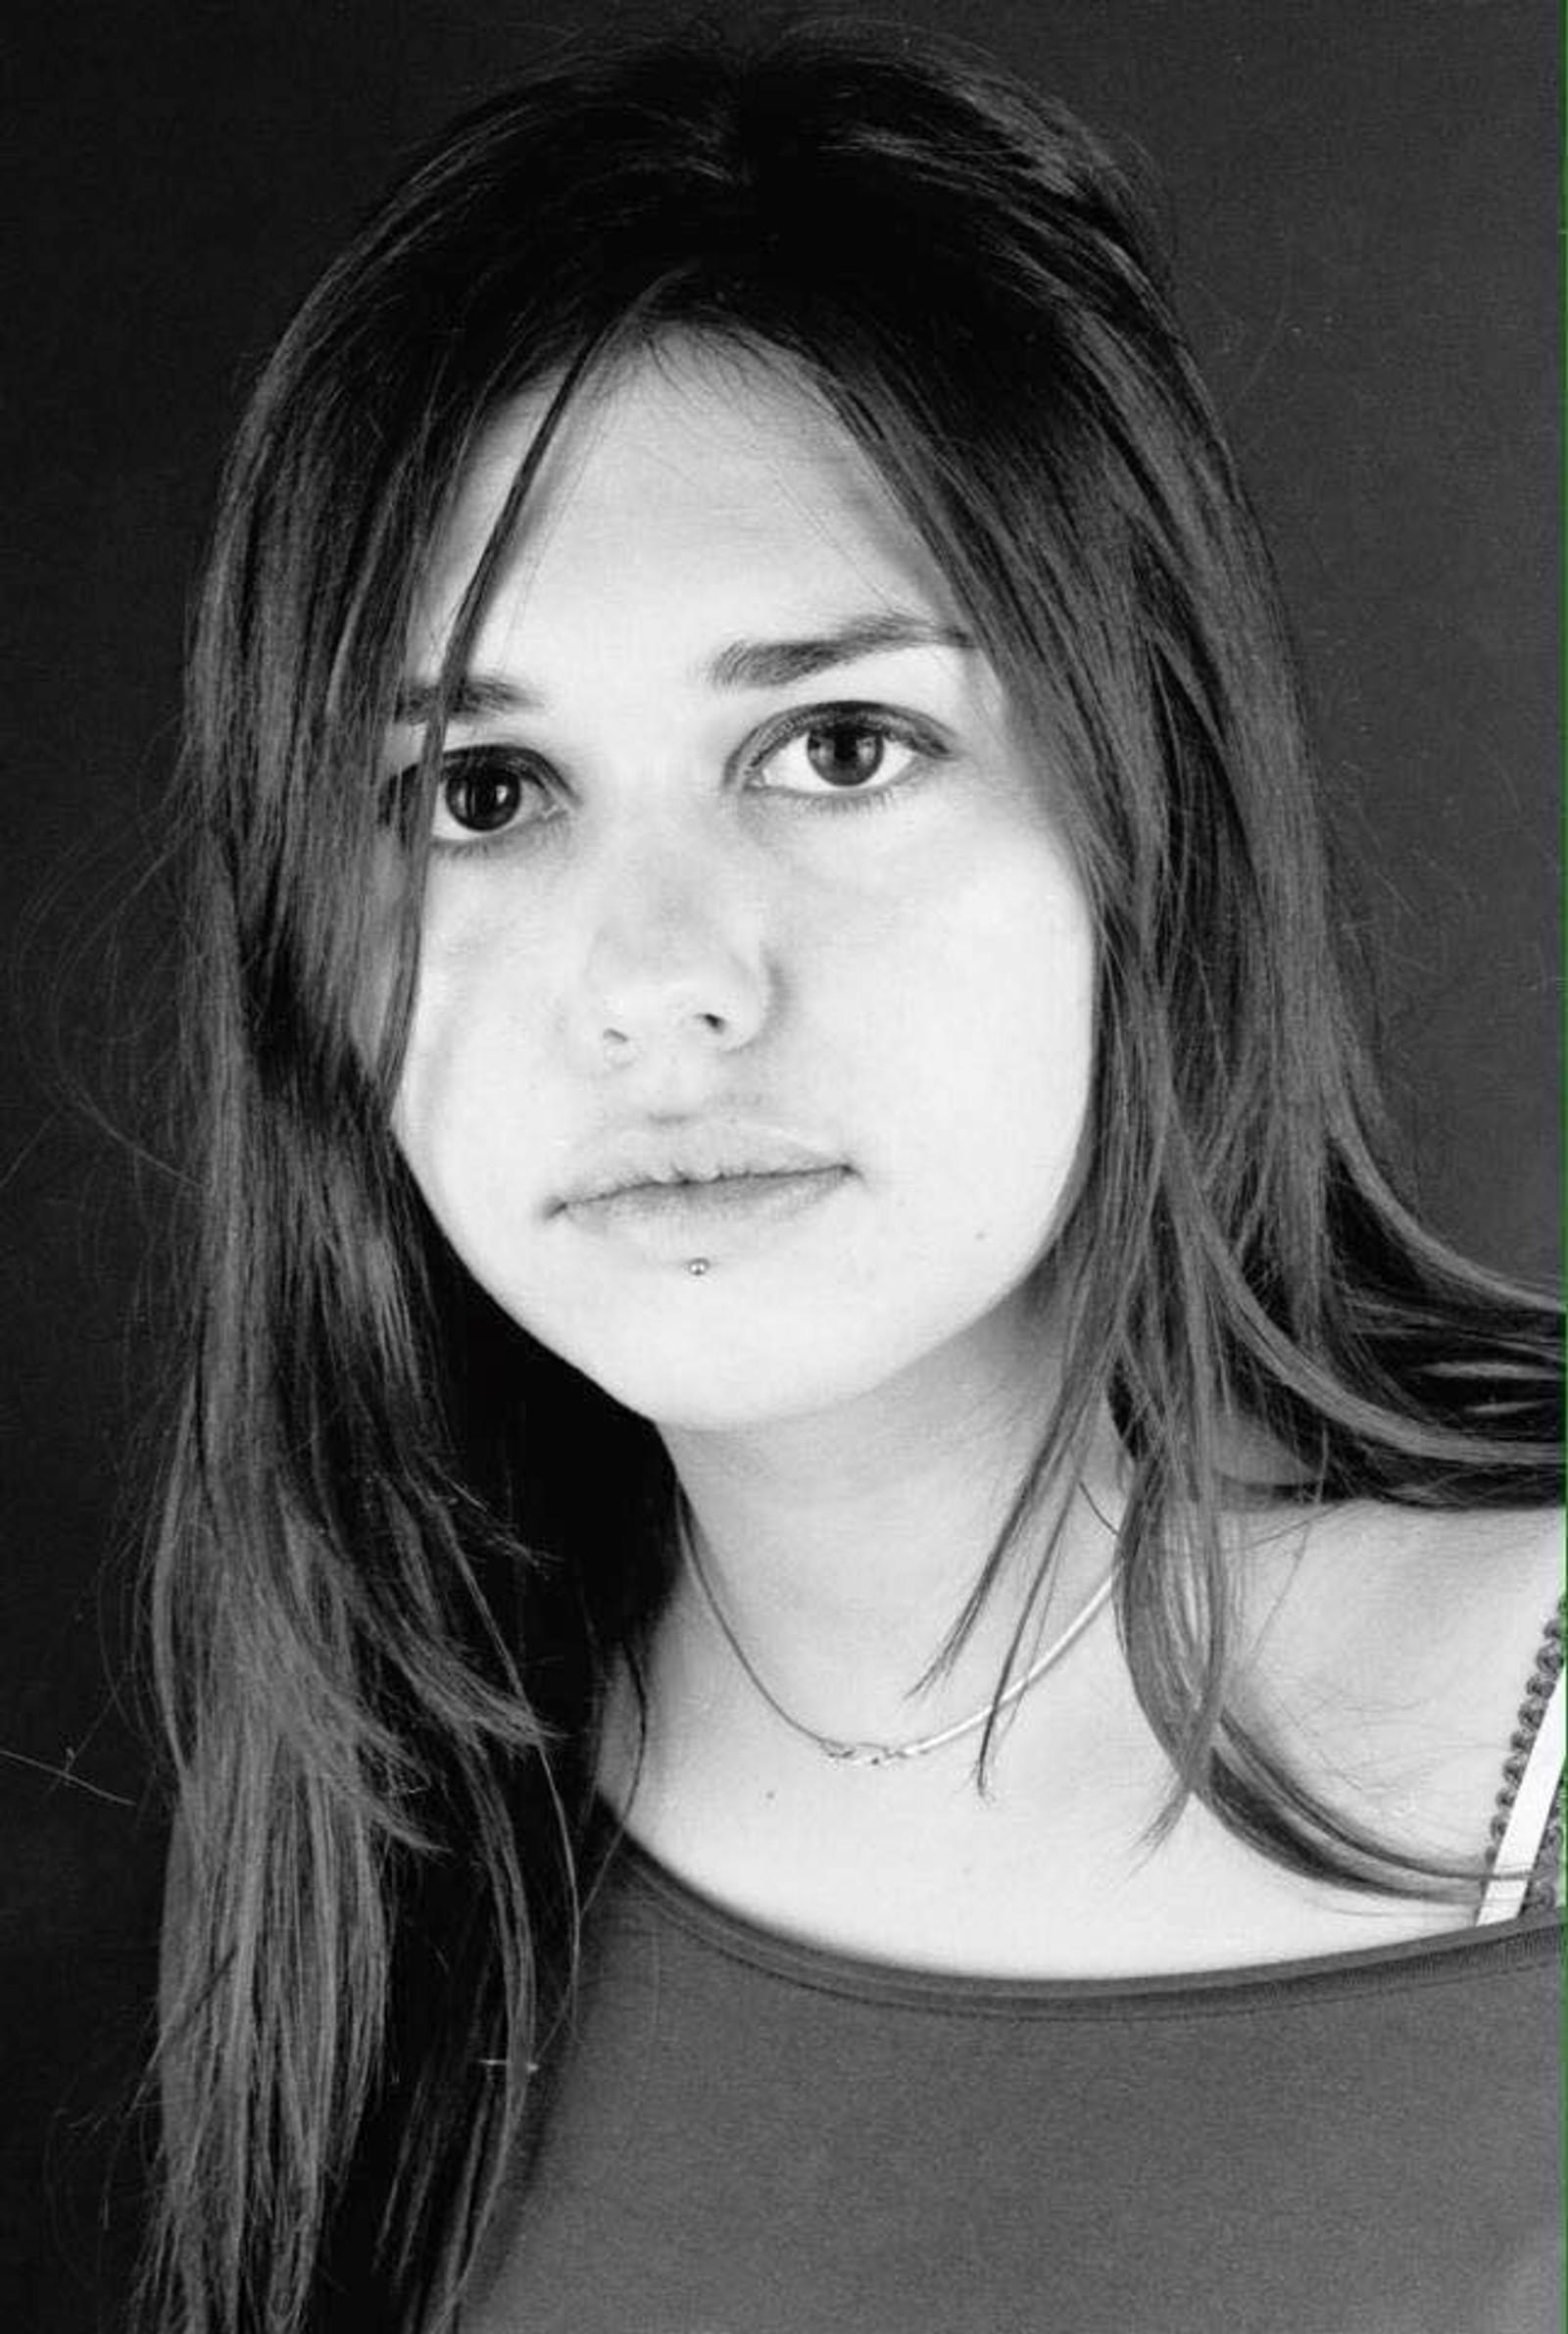 DREPT: Precilia Correia (35) var på konsert med kjæresten Manu Perez da de begge ble skutt av terrorister. Correia ble født i Frankrike, men har portugisisk opphav.